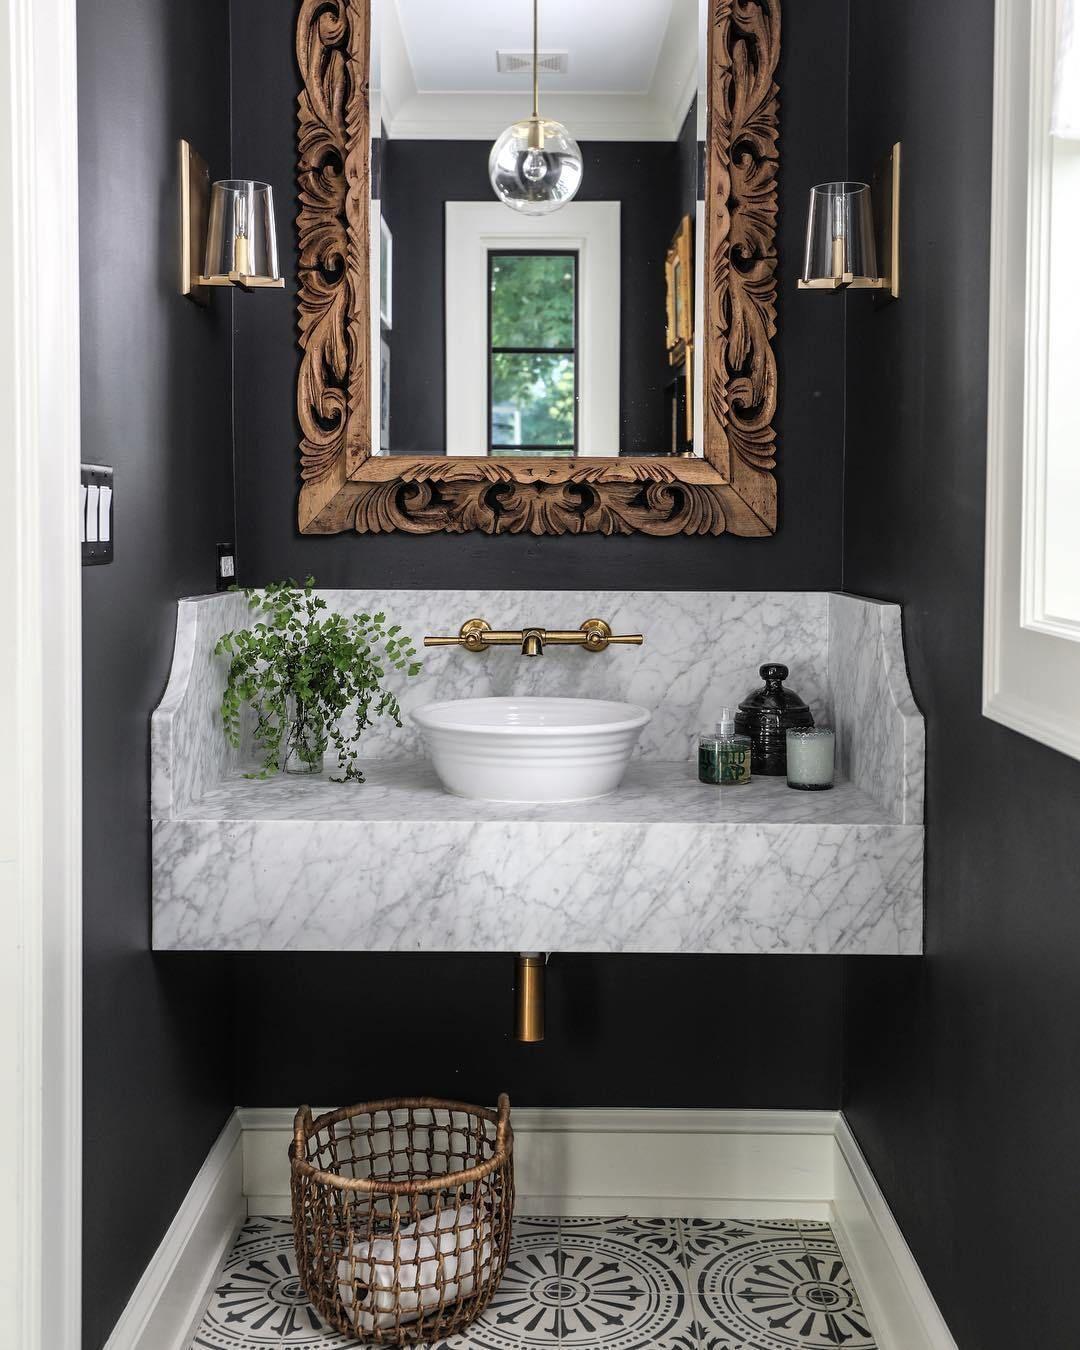 Surprising Antique Bathroom Mirror Ideas With Single Vanity